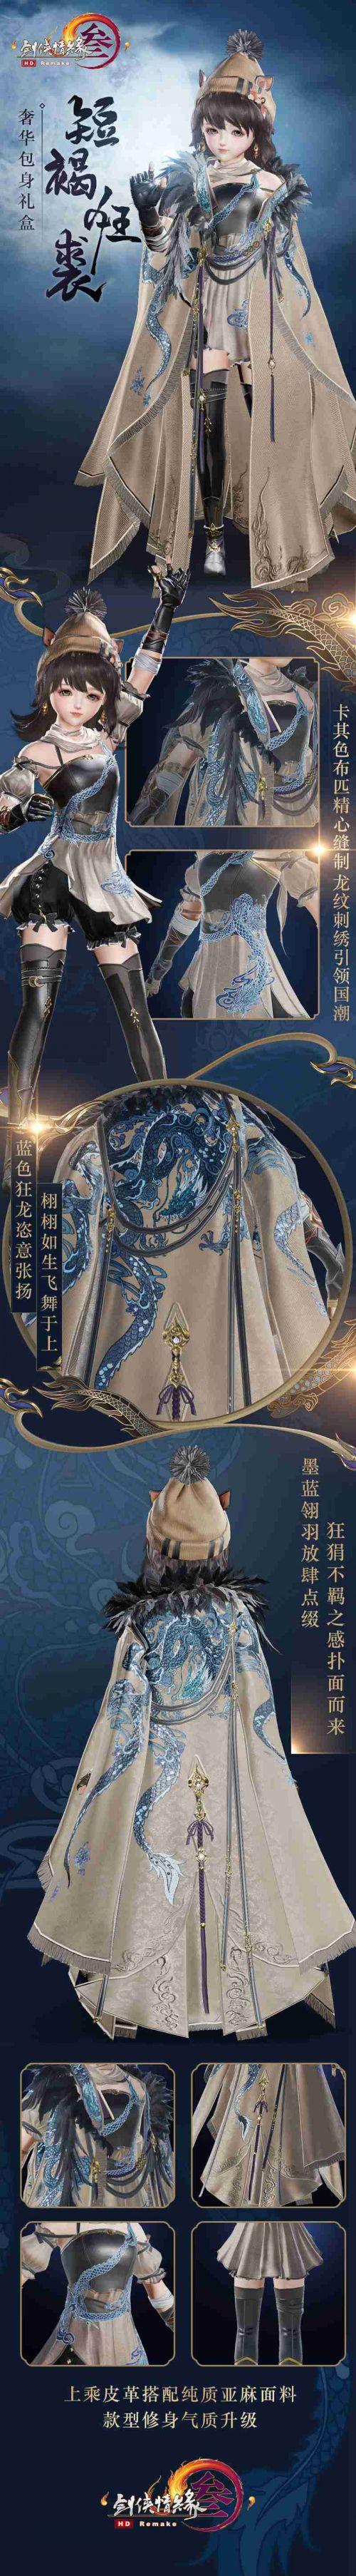 《剑网3》奢华包身礼盒公布 限定色发型登场